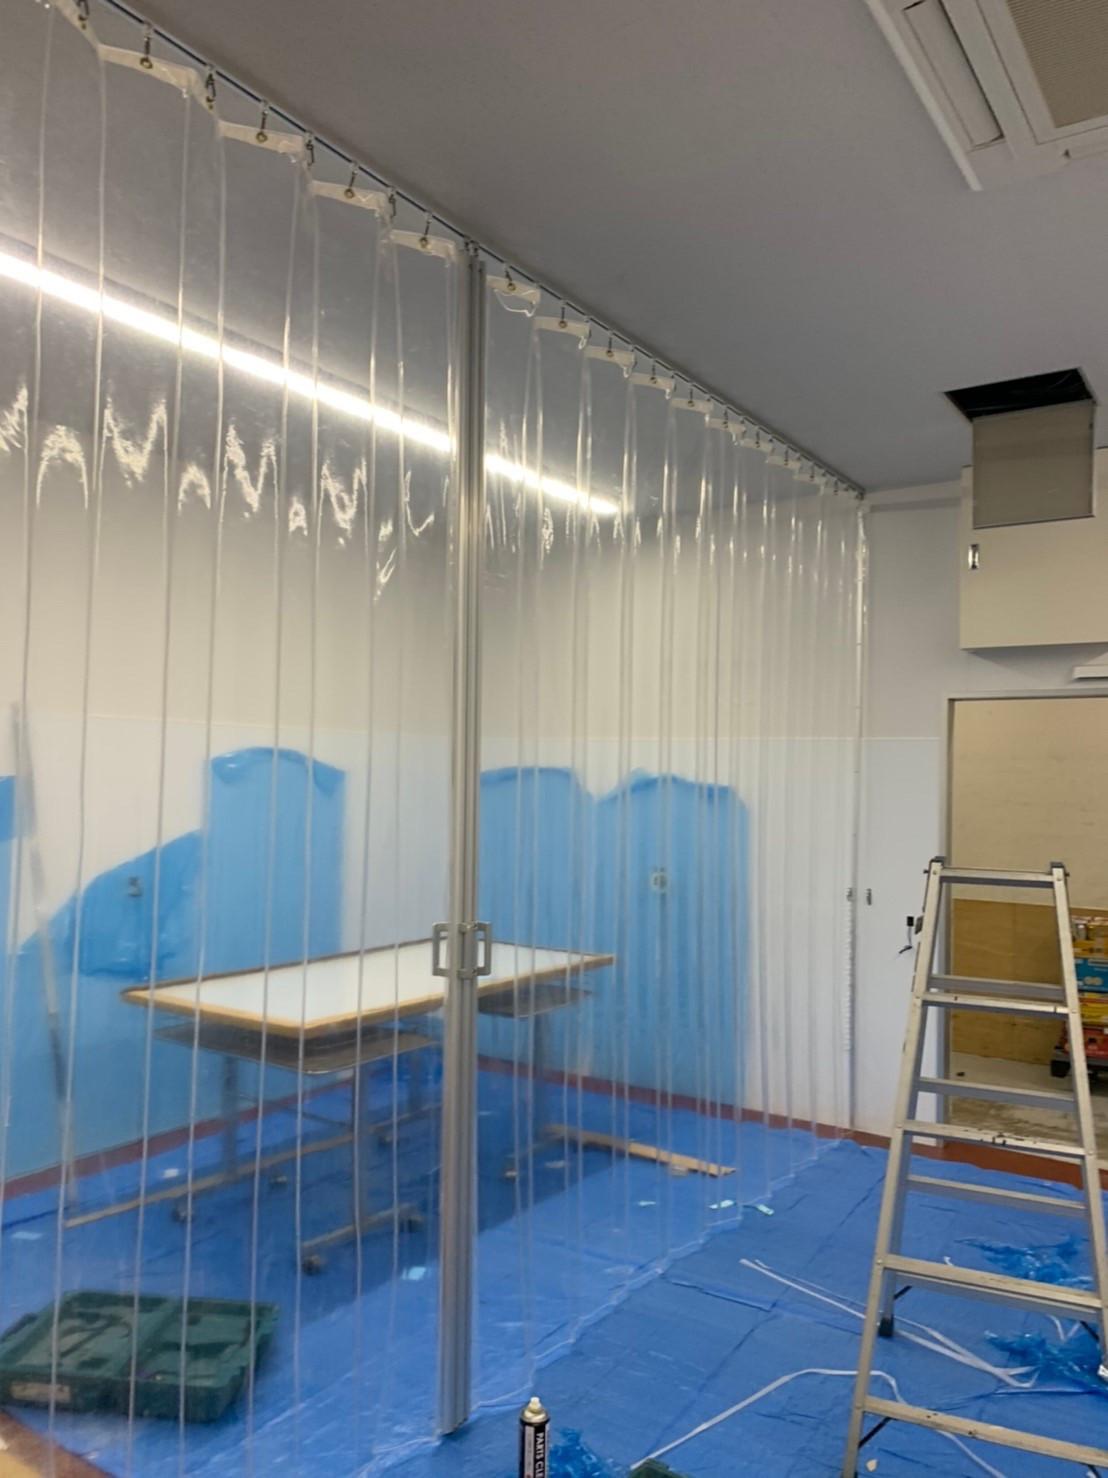 熊本県にて 間仕切りカーテン工事 させて頂きました。